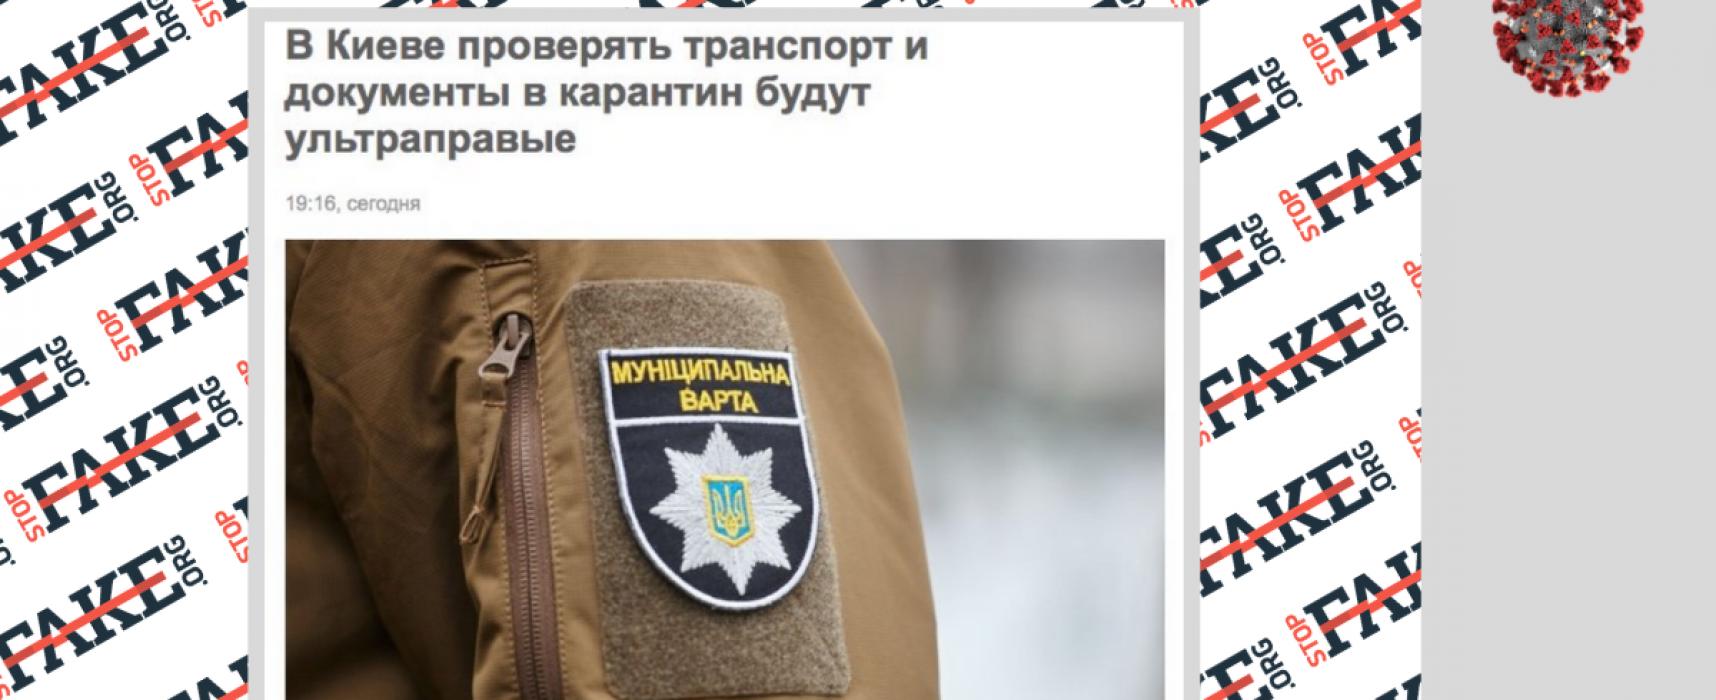 Фейк: В Киеве во время карантина ультраправые будут проверять транспорт и документы